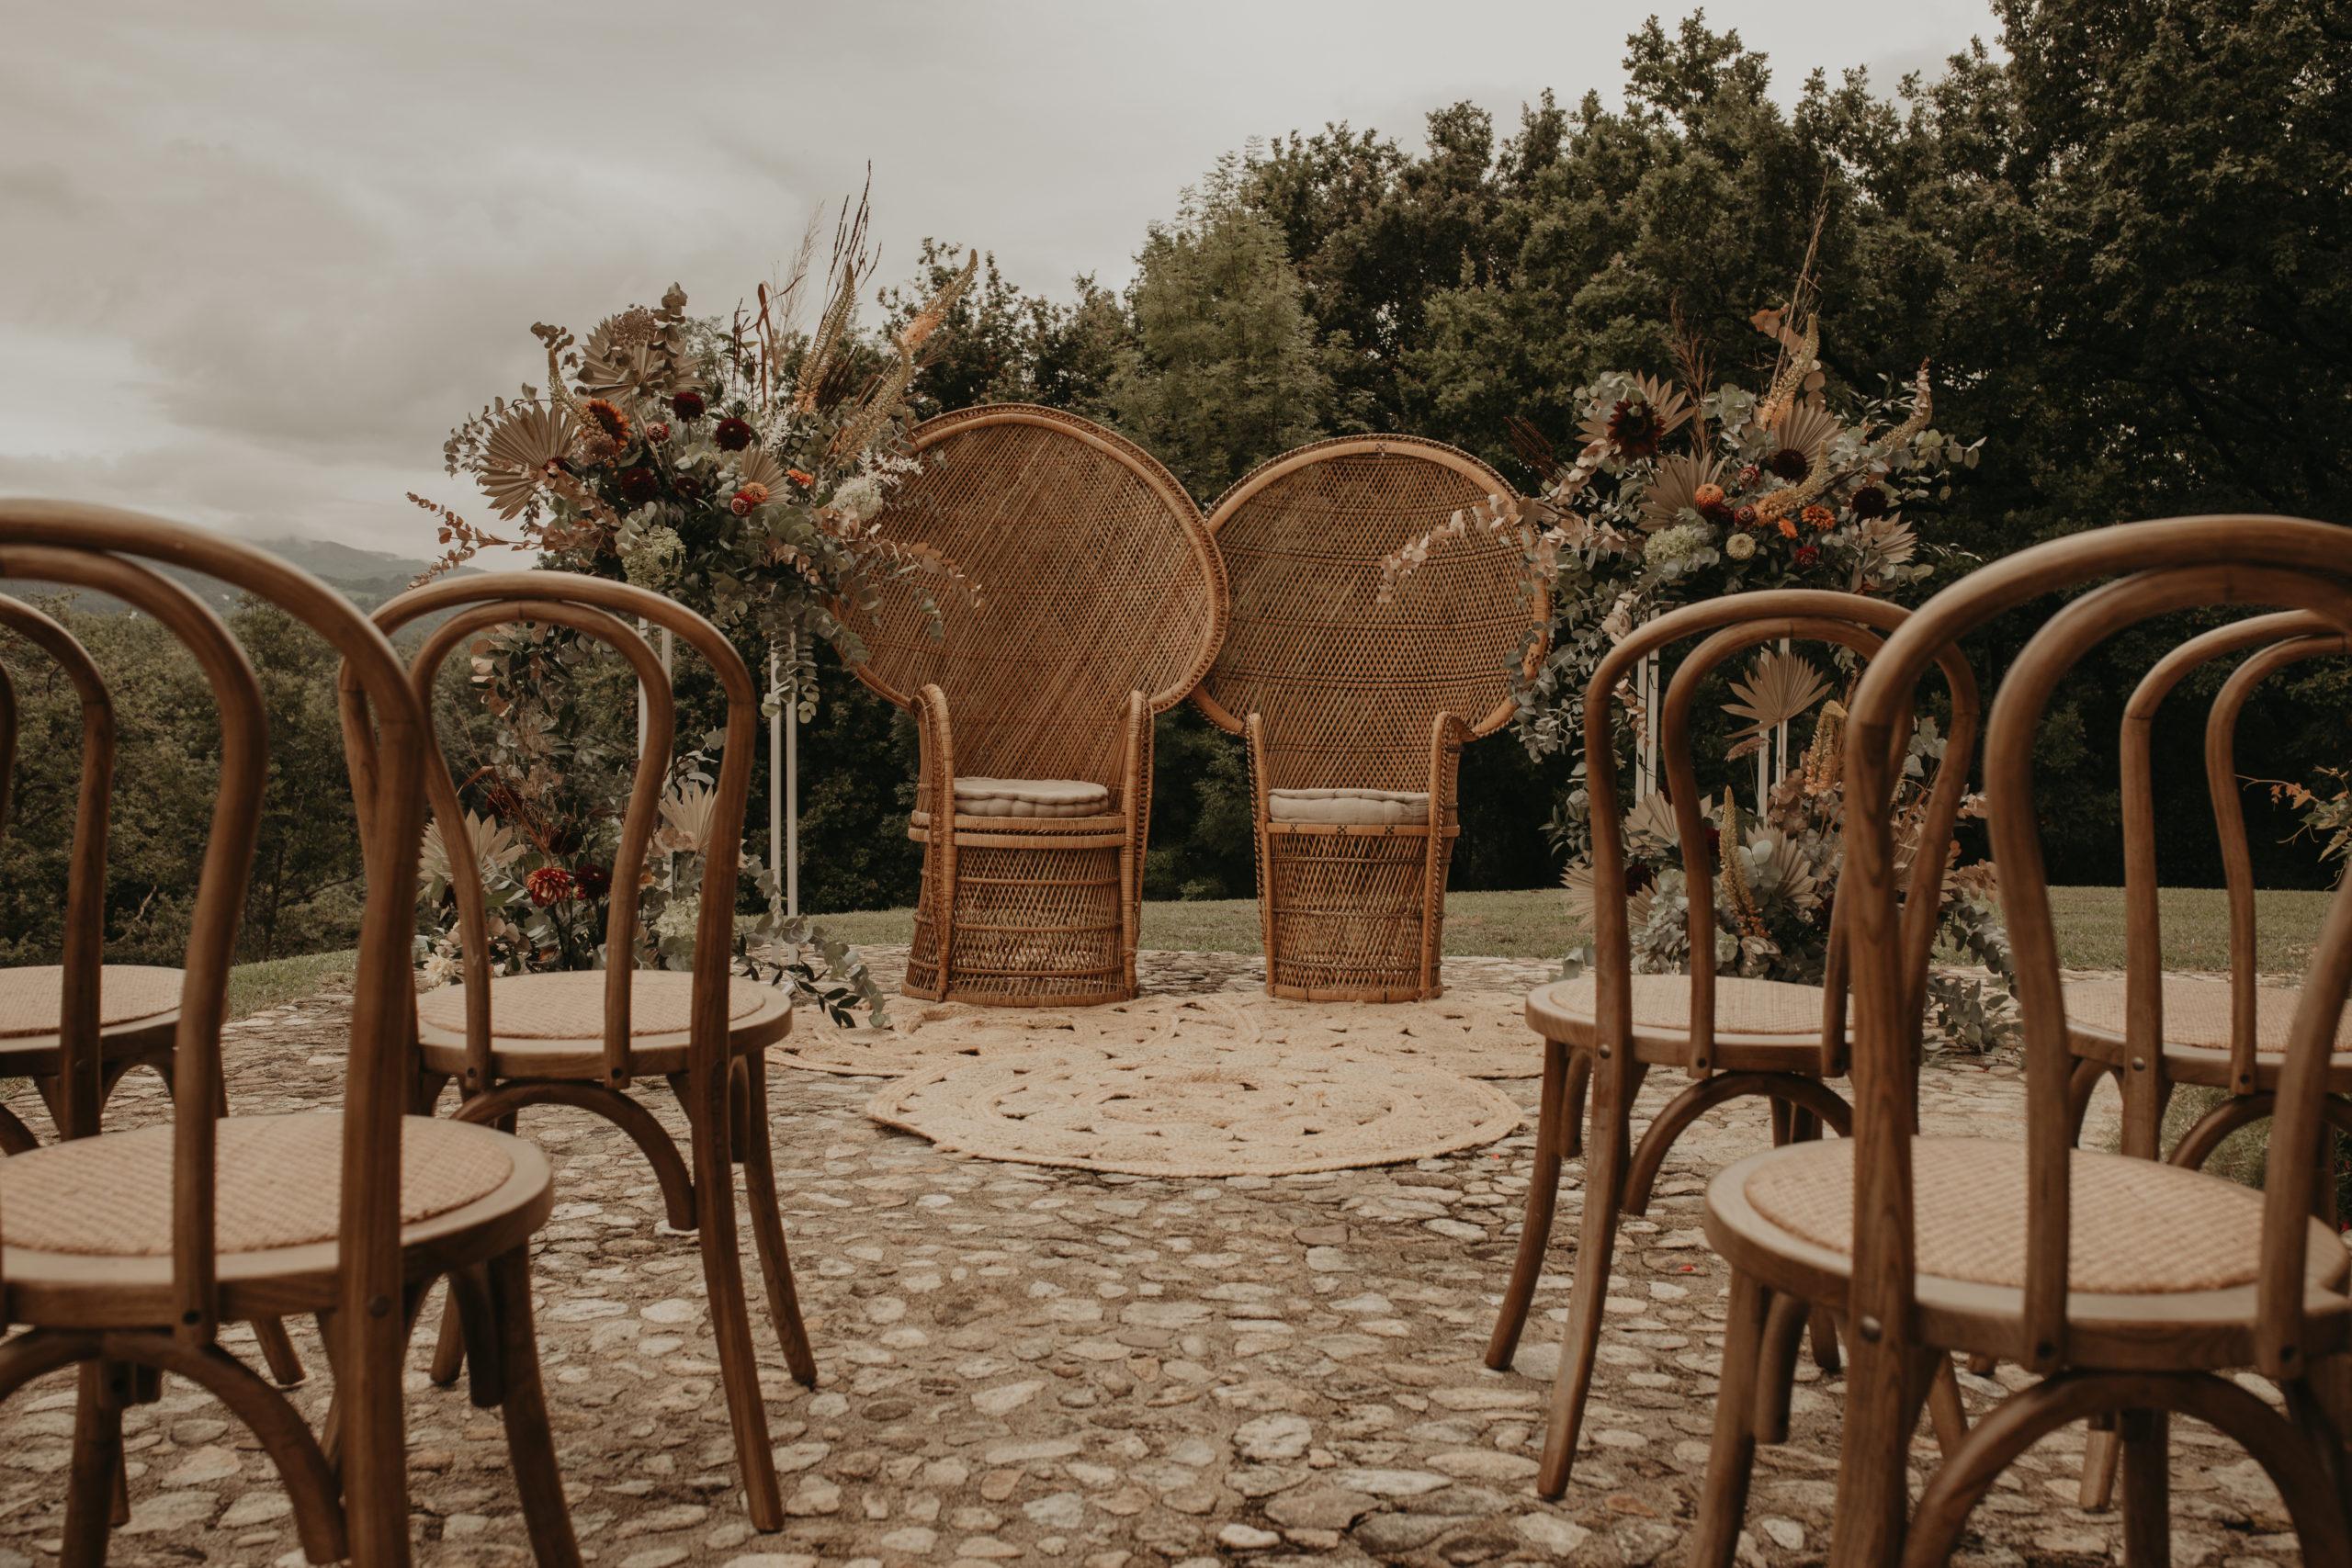 Ceremonia nupcial con sillones emmanuelle,, alfombras, decoración floral y sillas thonet